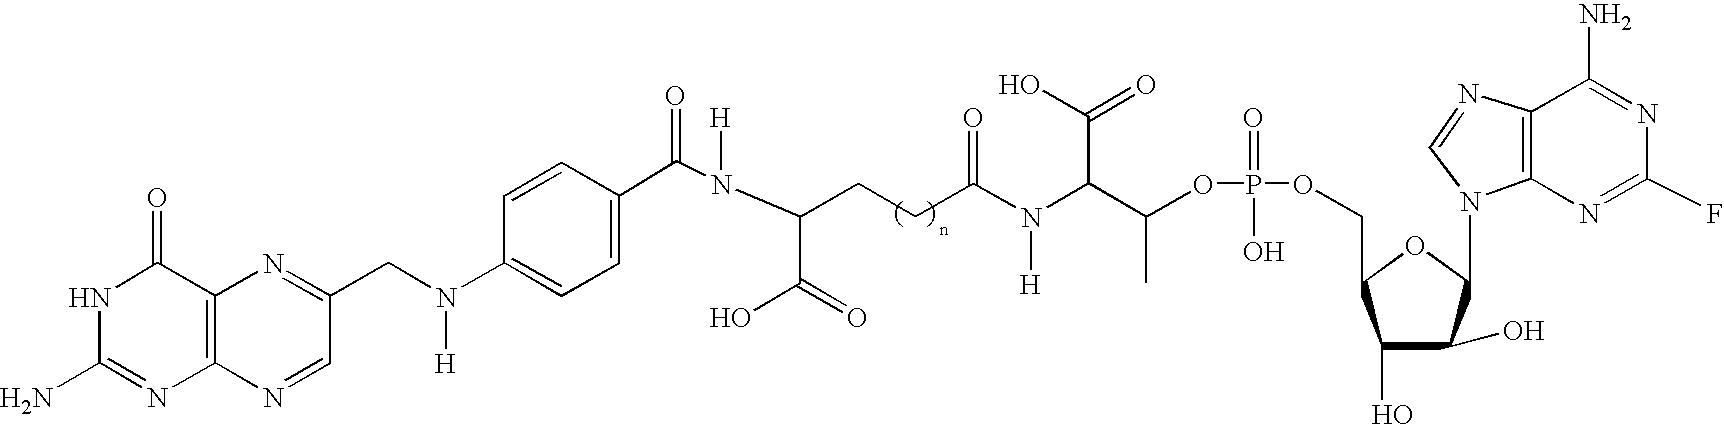 Figure US20030104985A1-20030605-C00077